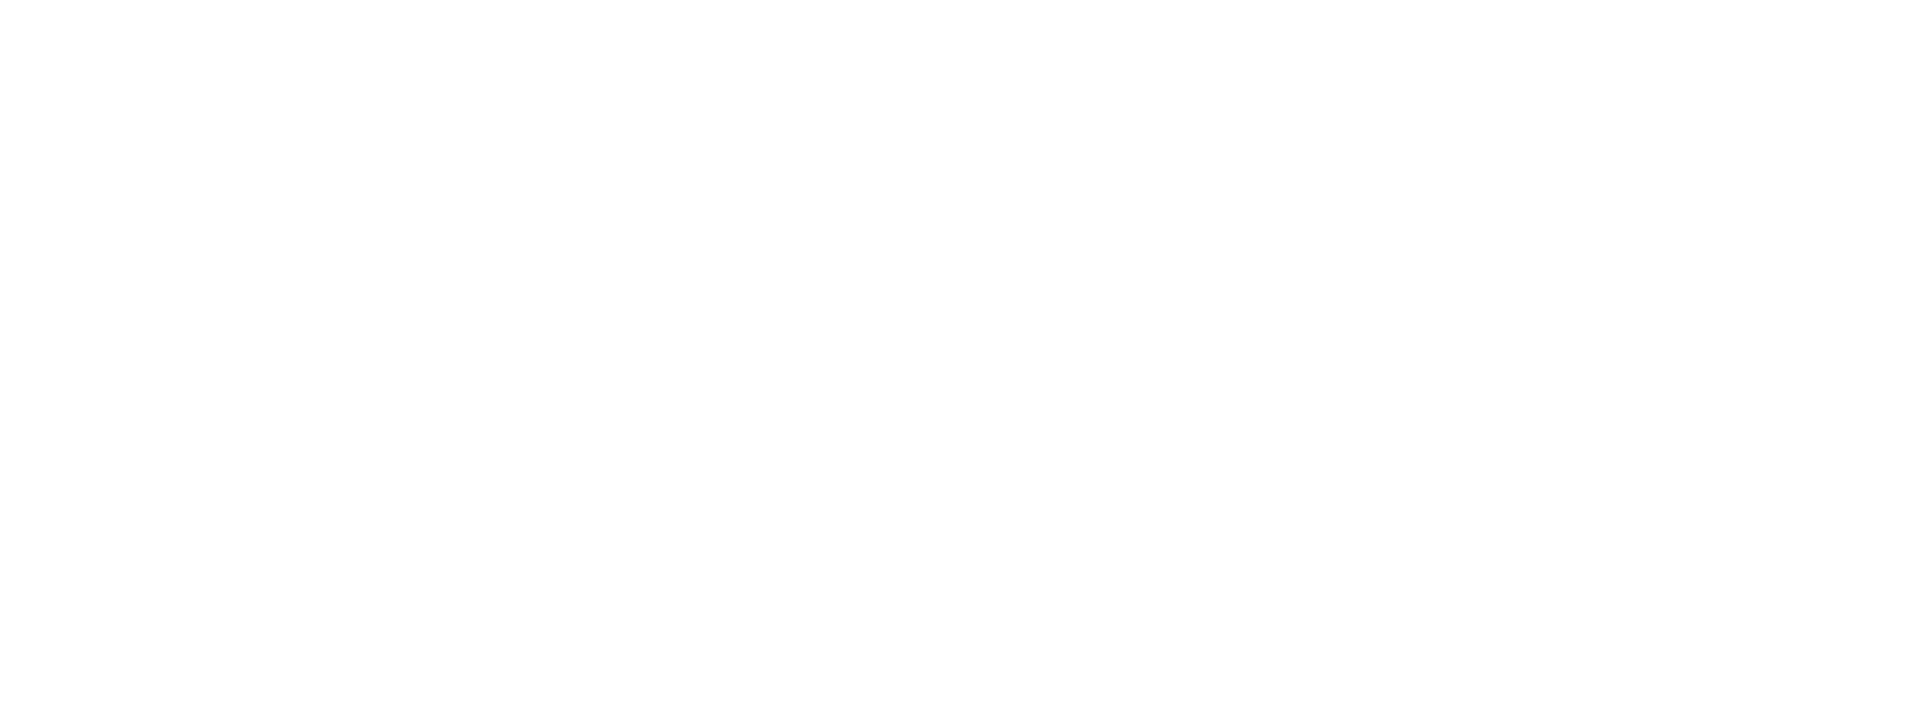 eszs-logo-whiteeeee